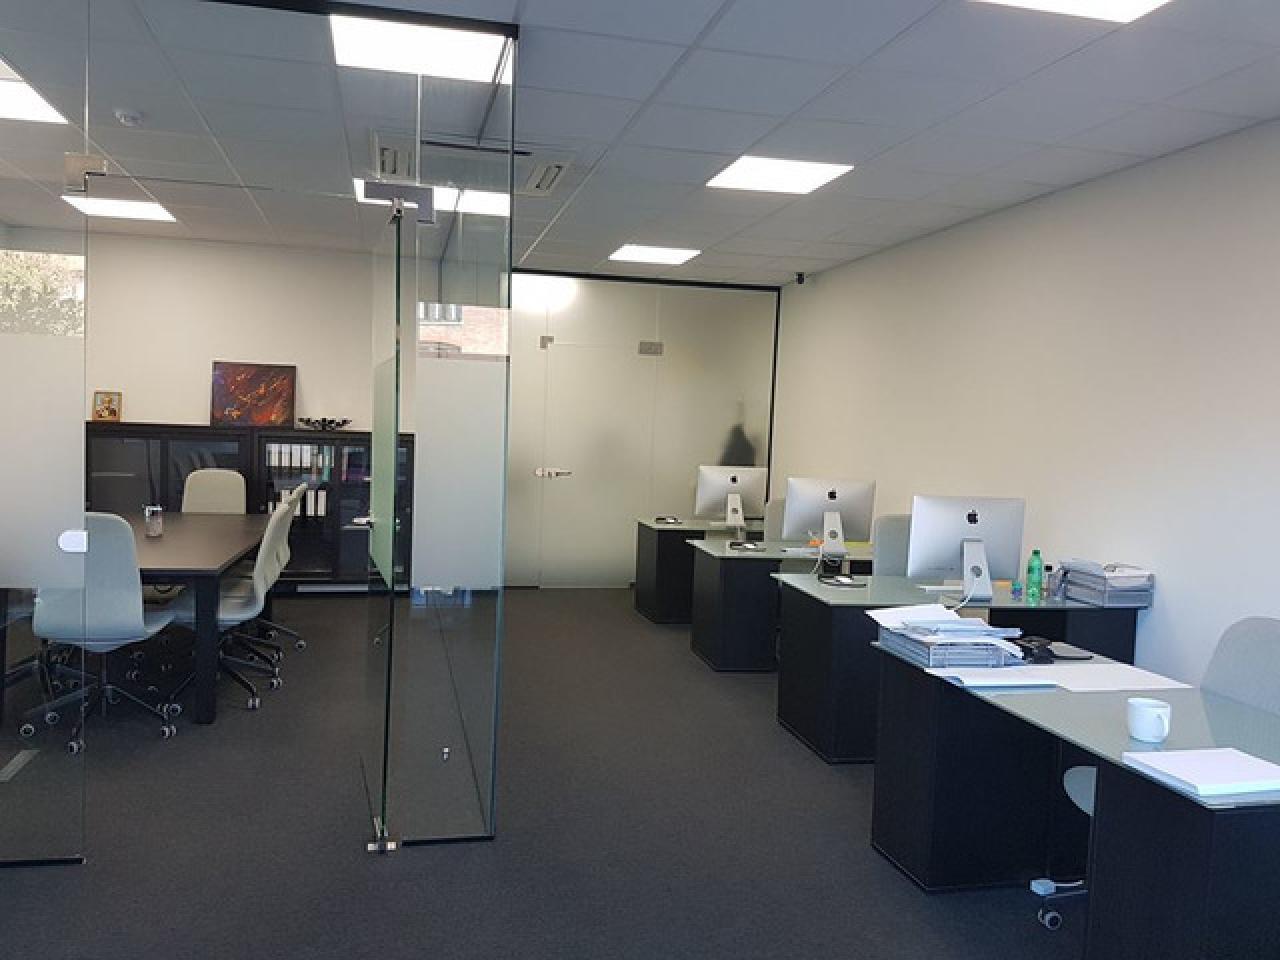 Сдается рабочее место или часть офиса с доступом в Meeting room. - 6/7